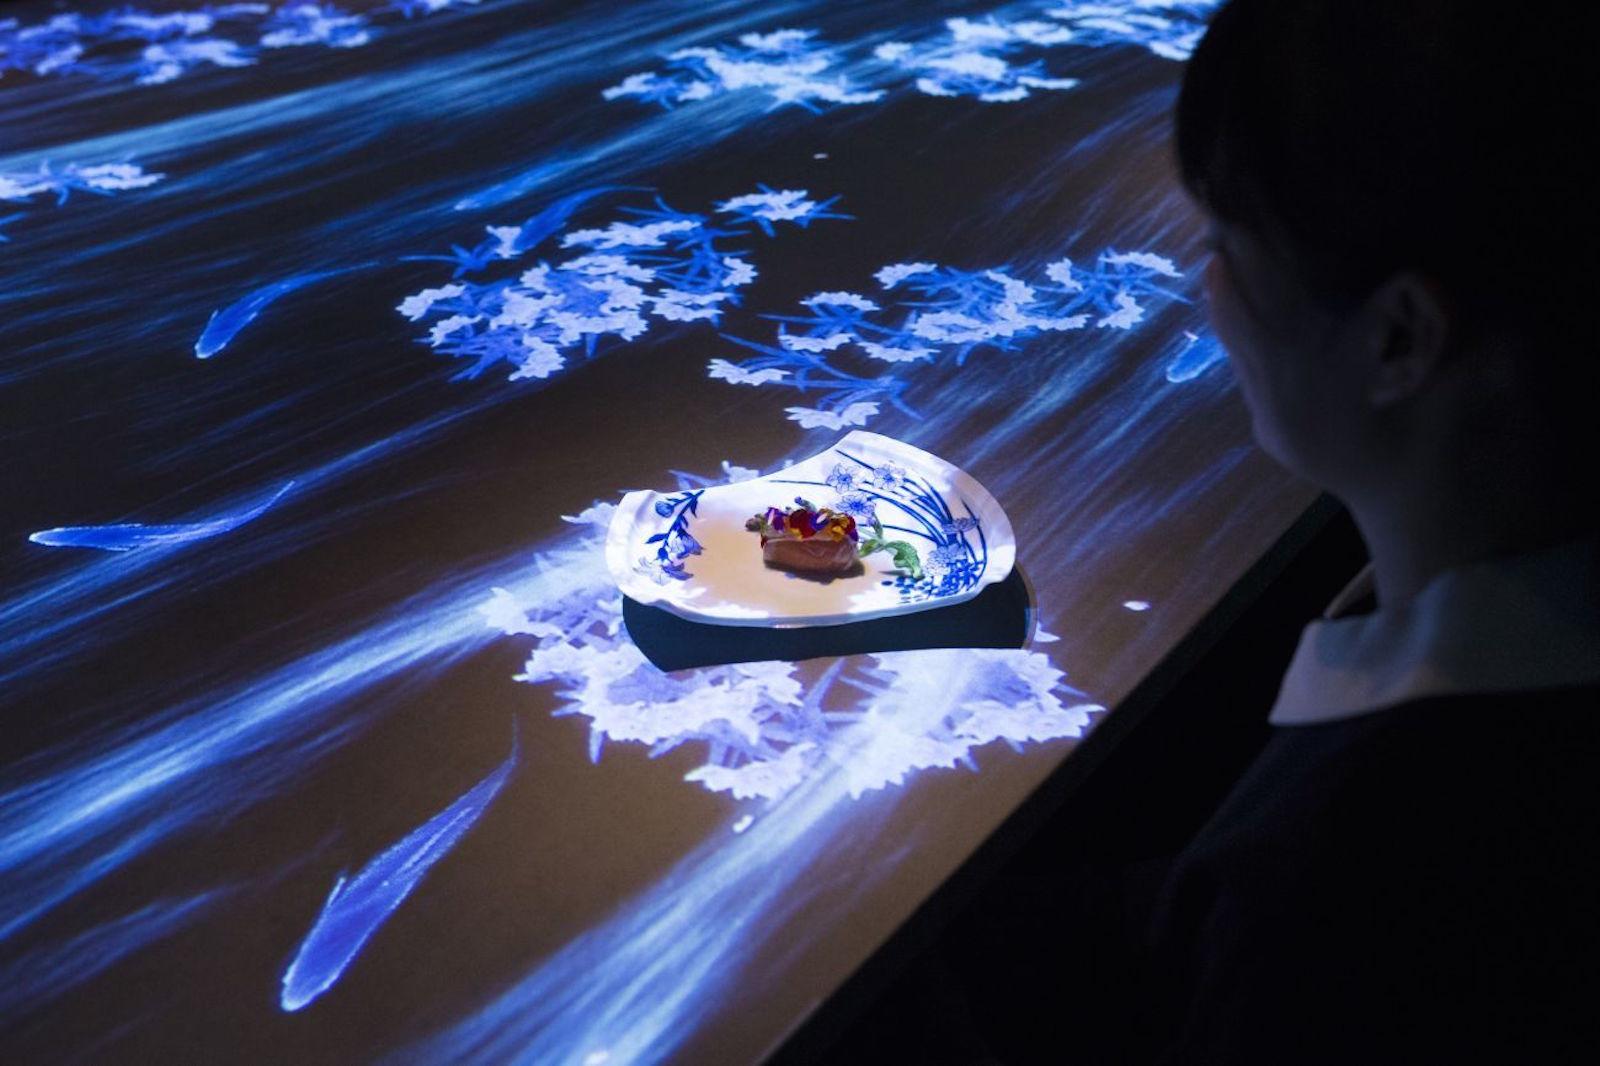 Interactive Dining Experience At Tokyo S Sagaya By Teamlab